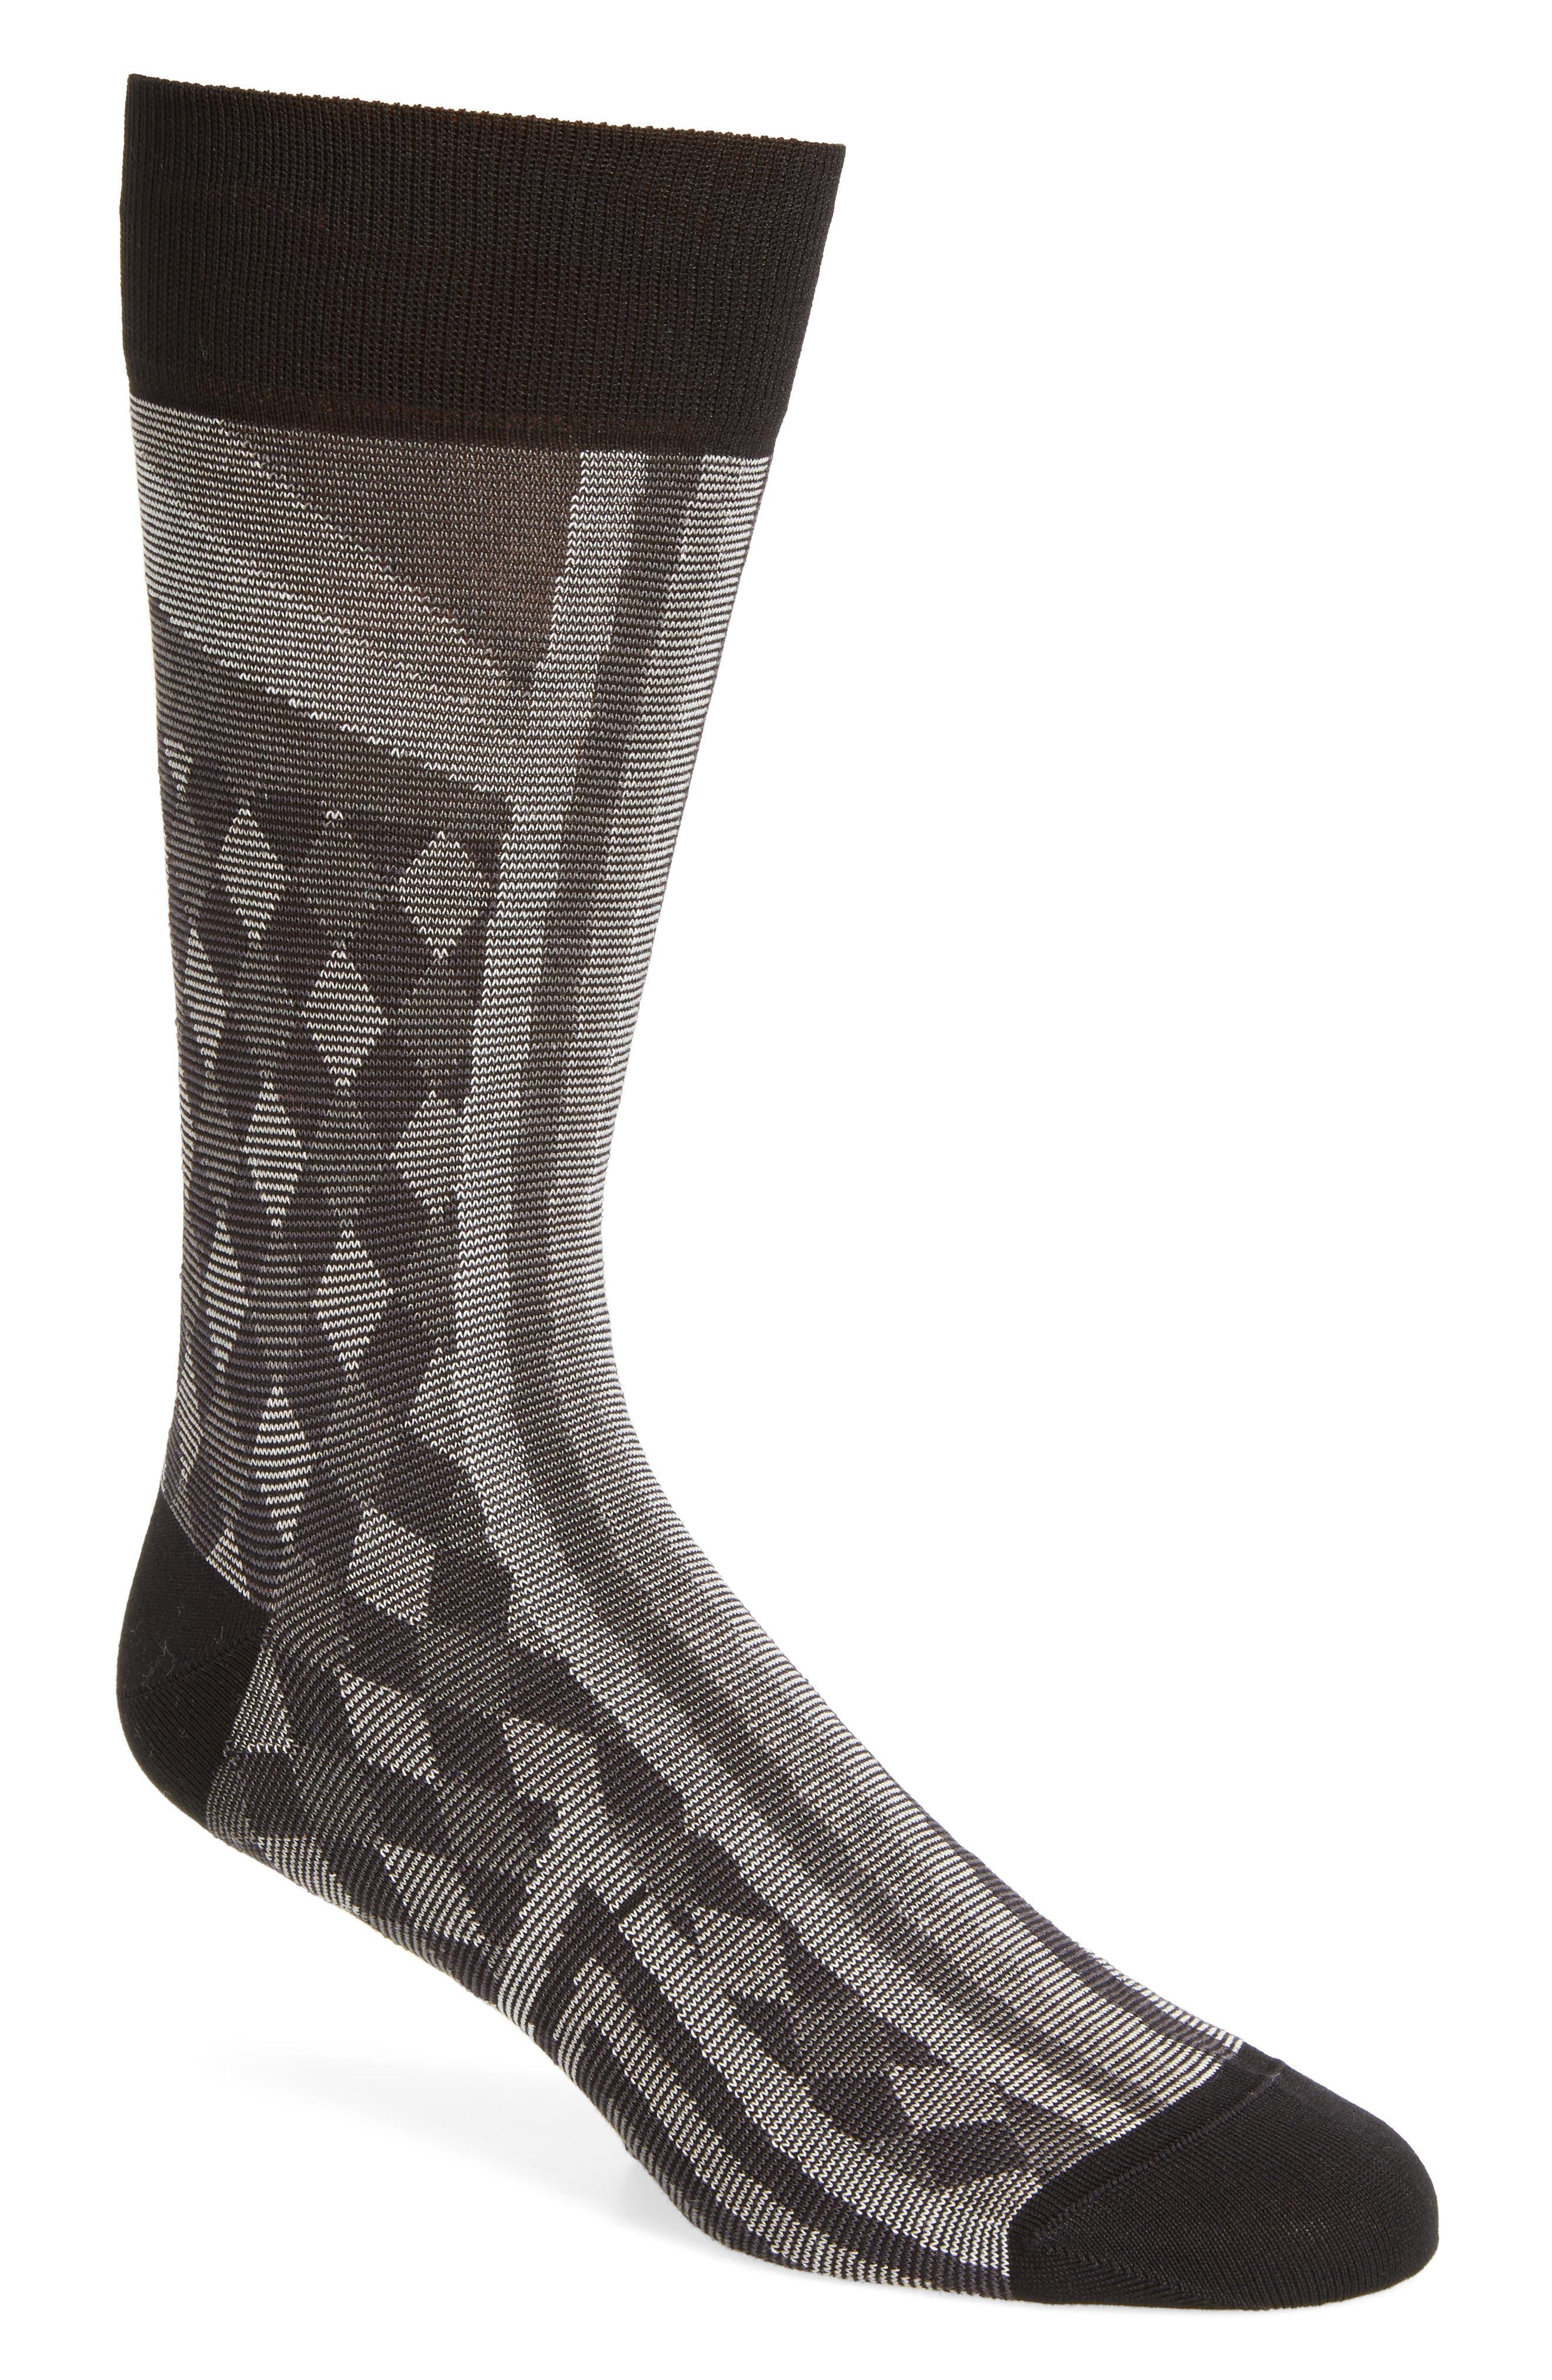 Checks & Stripes Crew Socks,                         Main,                         color, Black/ Grey